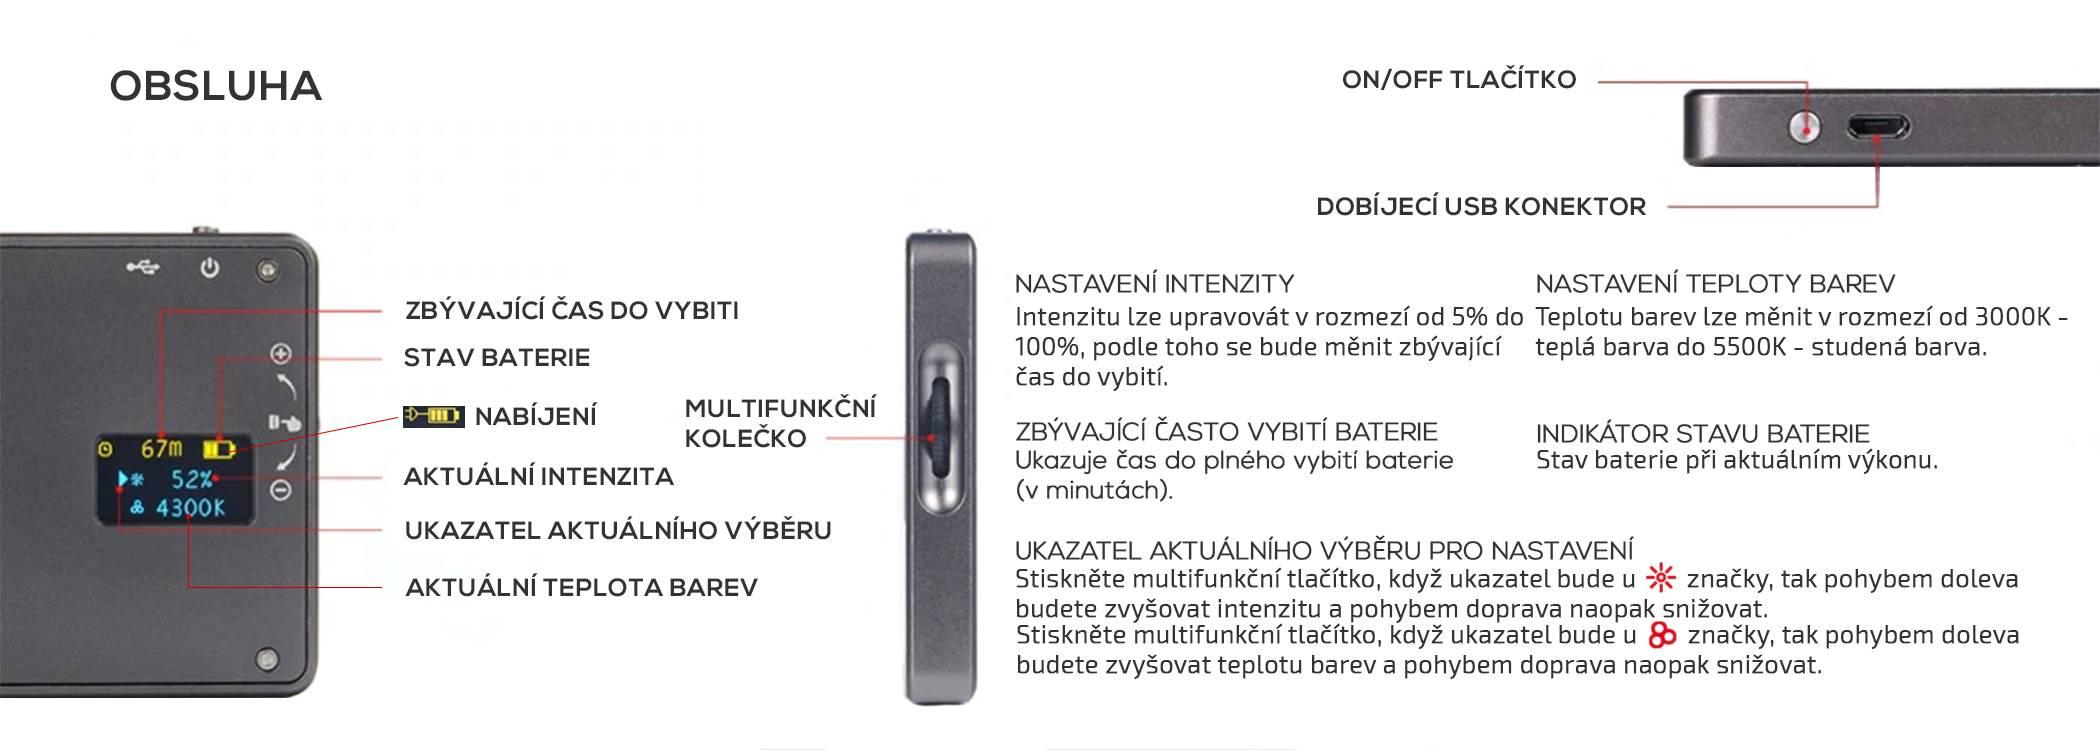 film-technika-sunway-foto-fl-96-obsluha-3